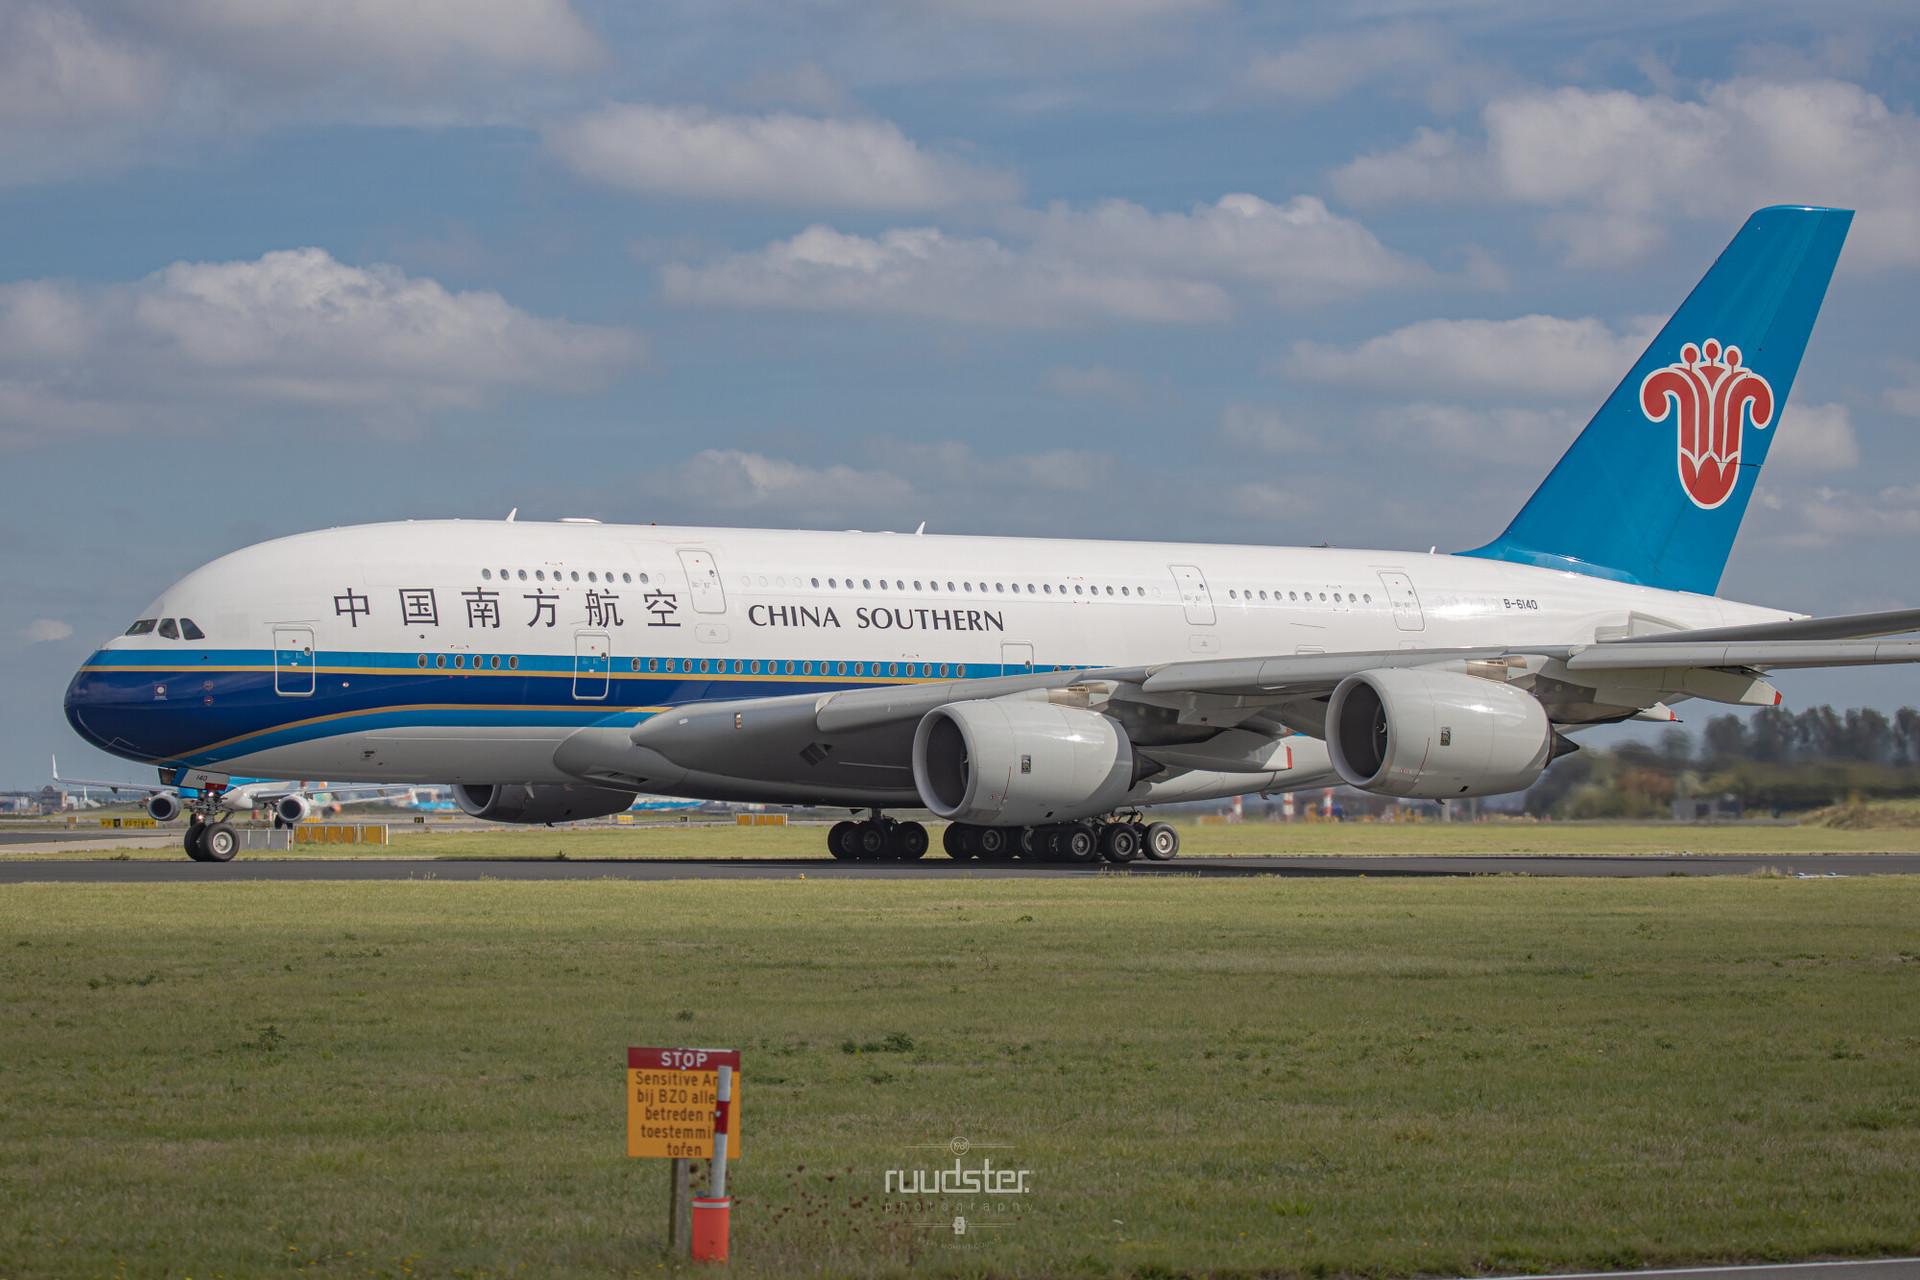 B-6140 | Build: 2013 - Airbus A380-841